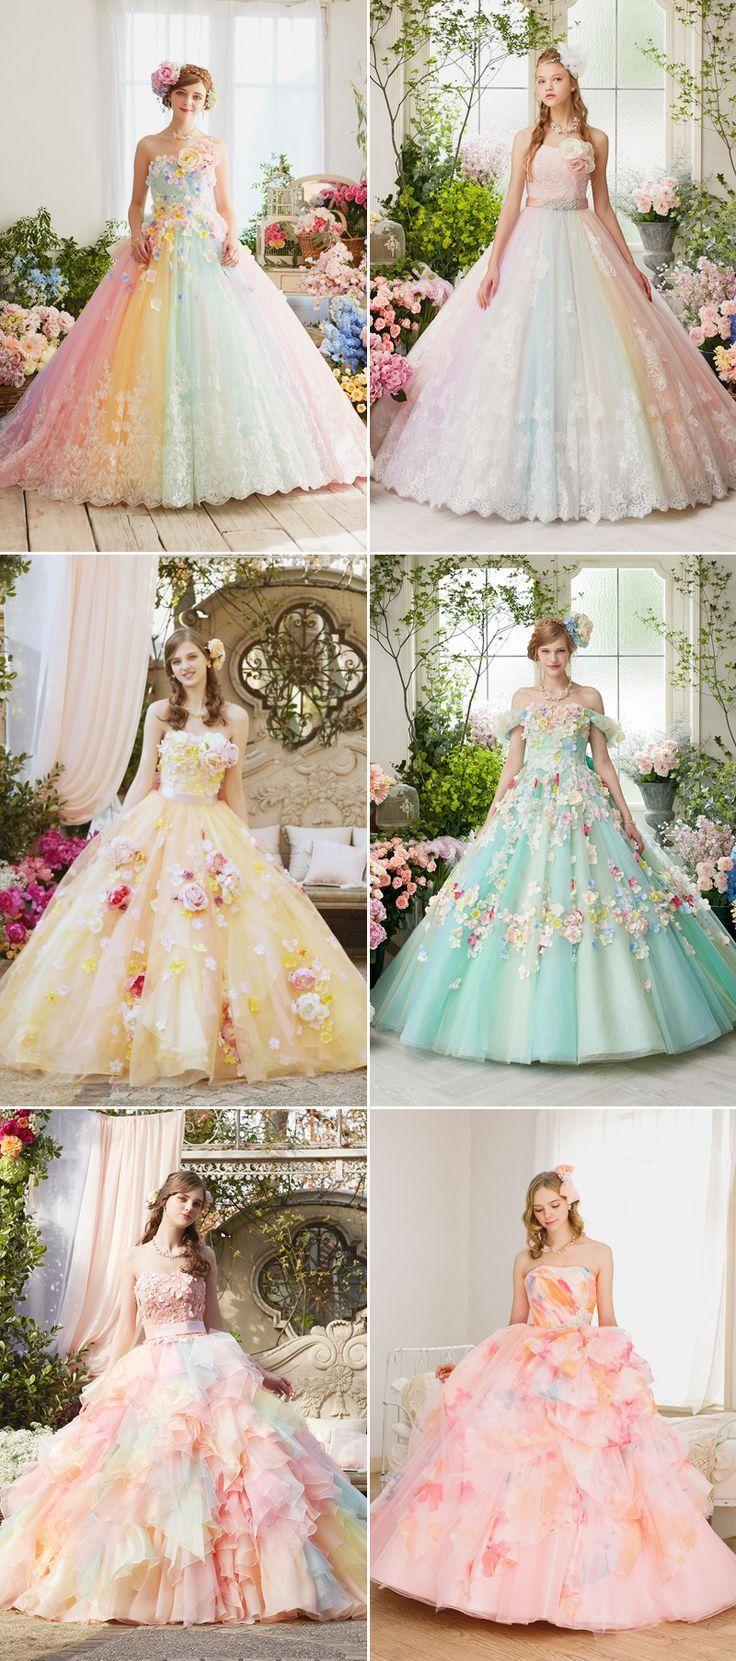 4 Wunderbar romantische Prinzessin-Worthy Kleider für Sommer